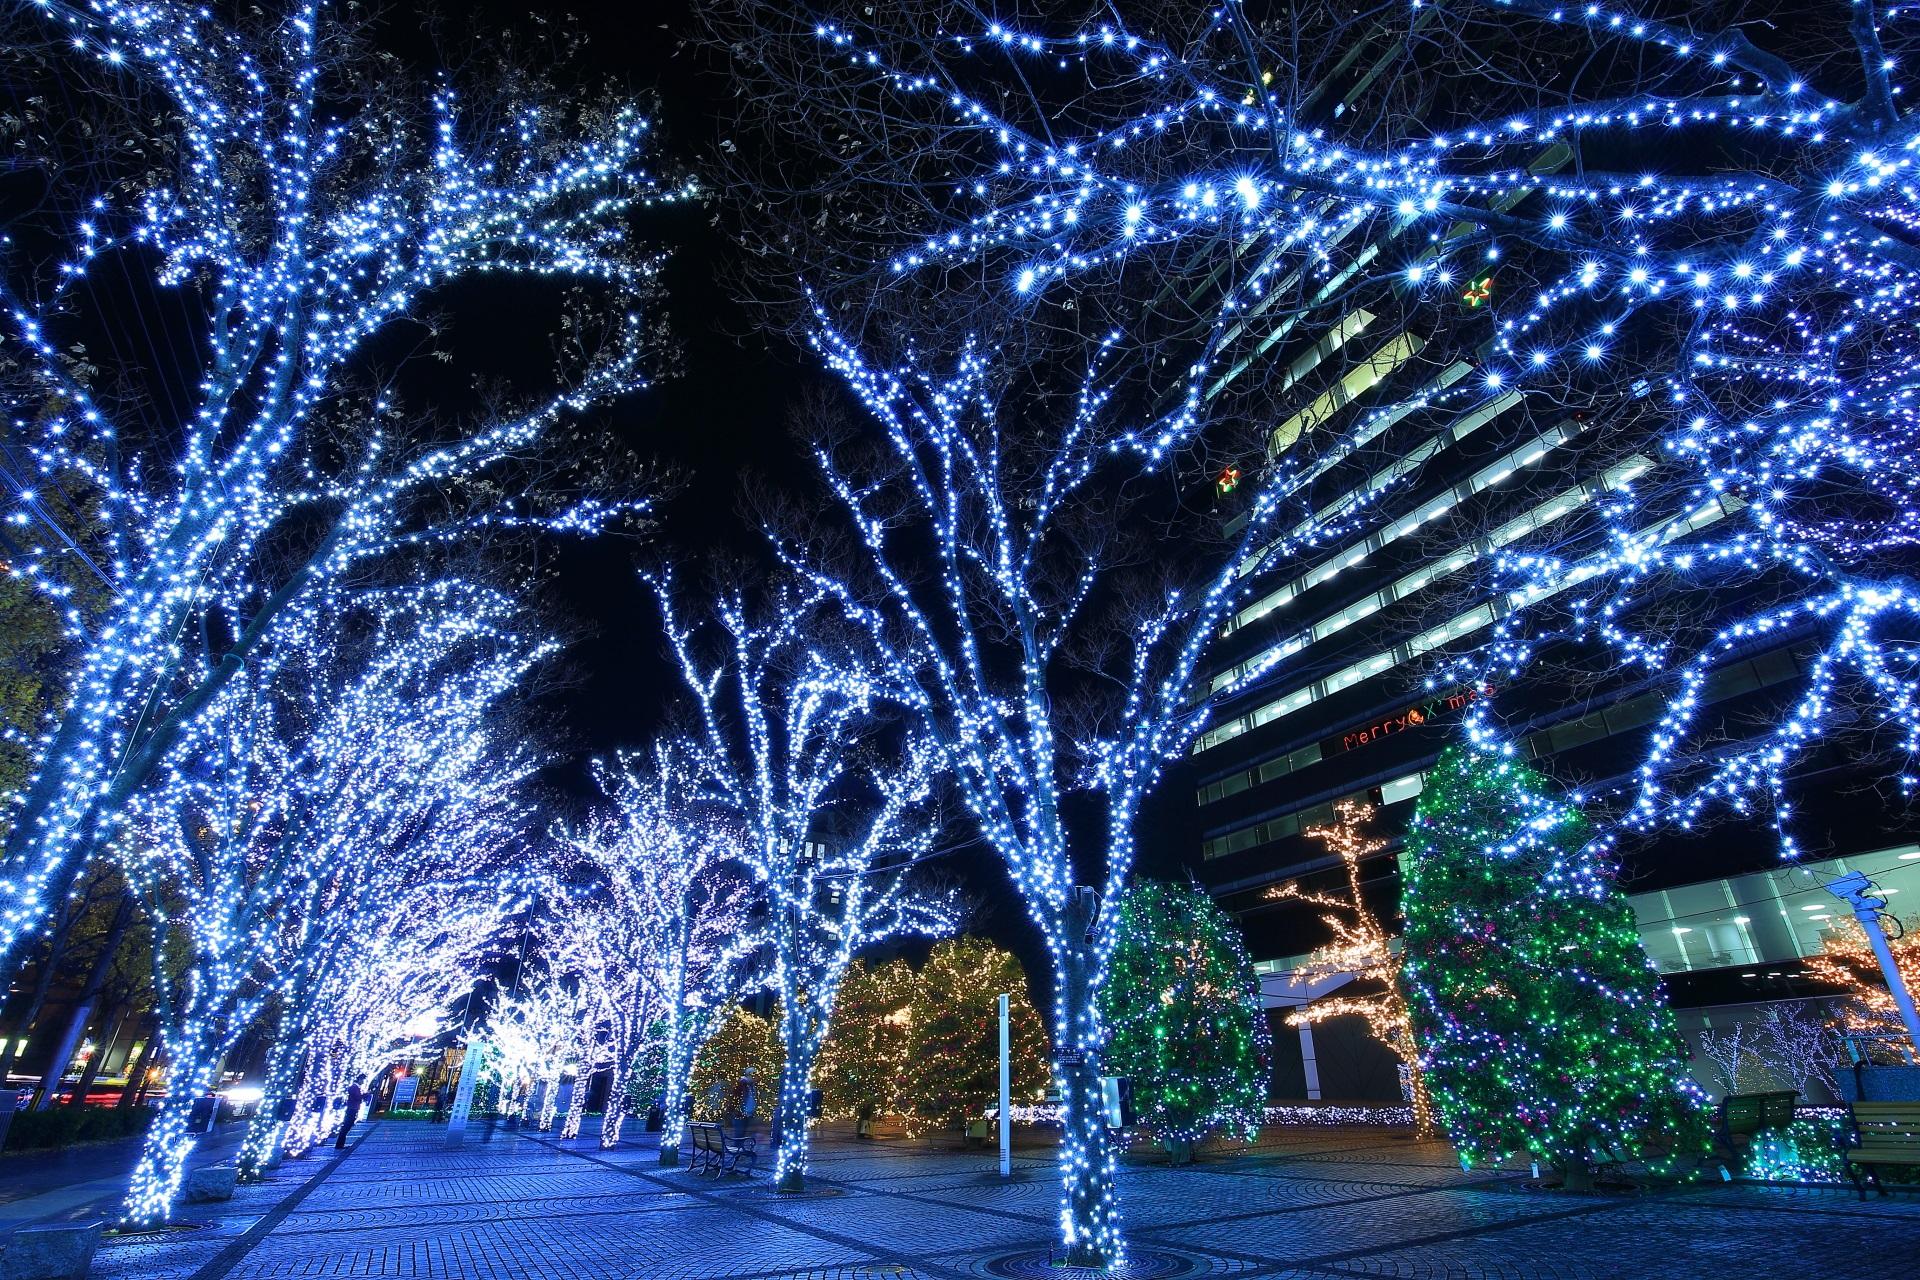 高画質 写真 京セラ本社 イルミネーション